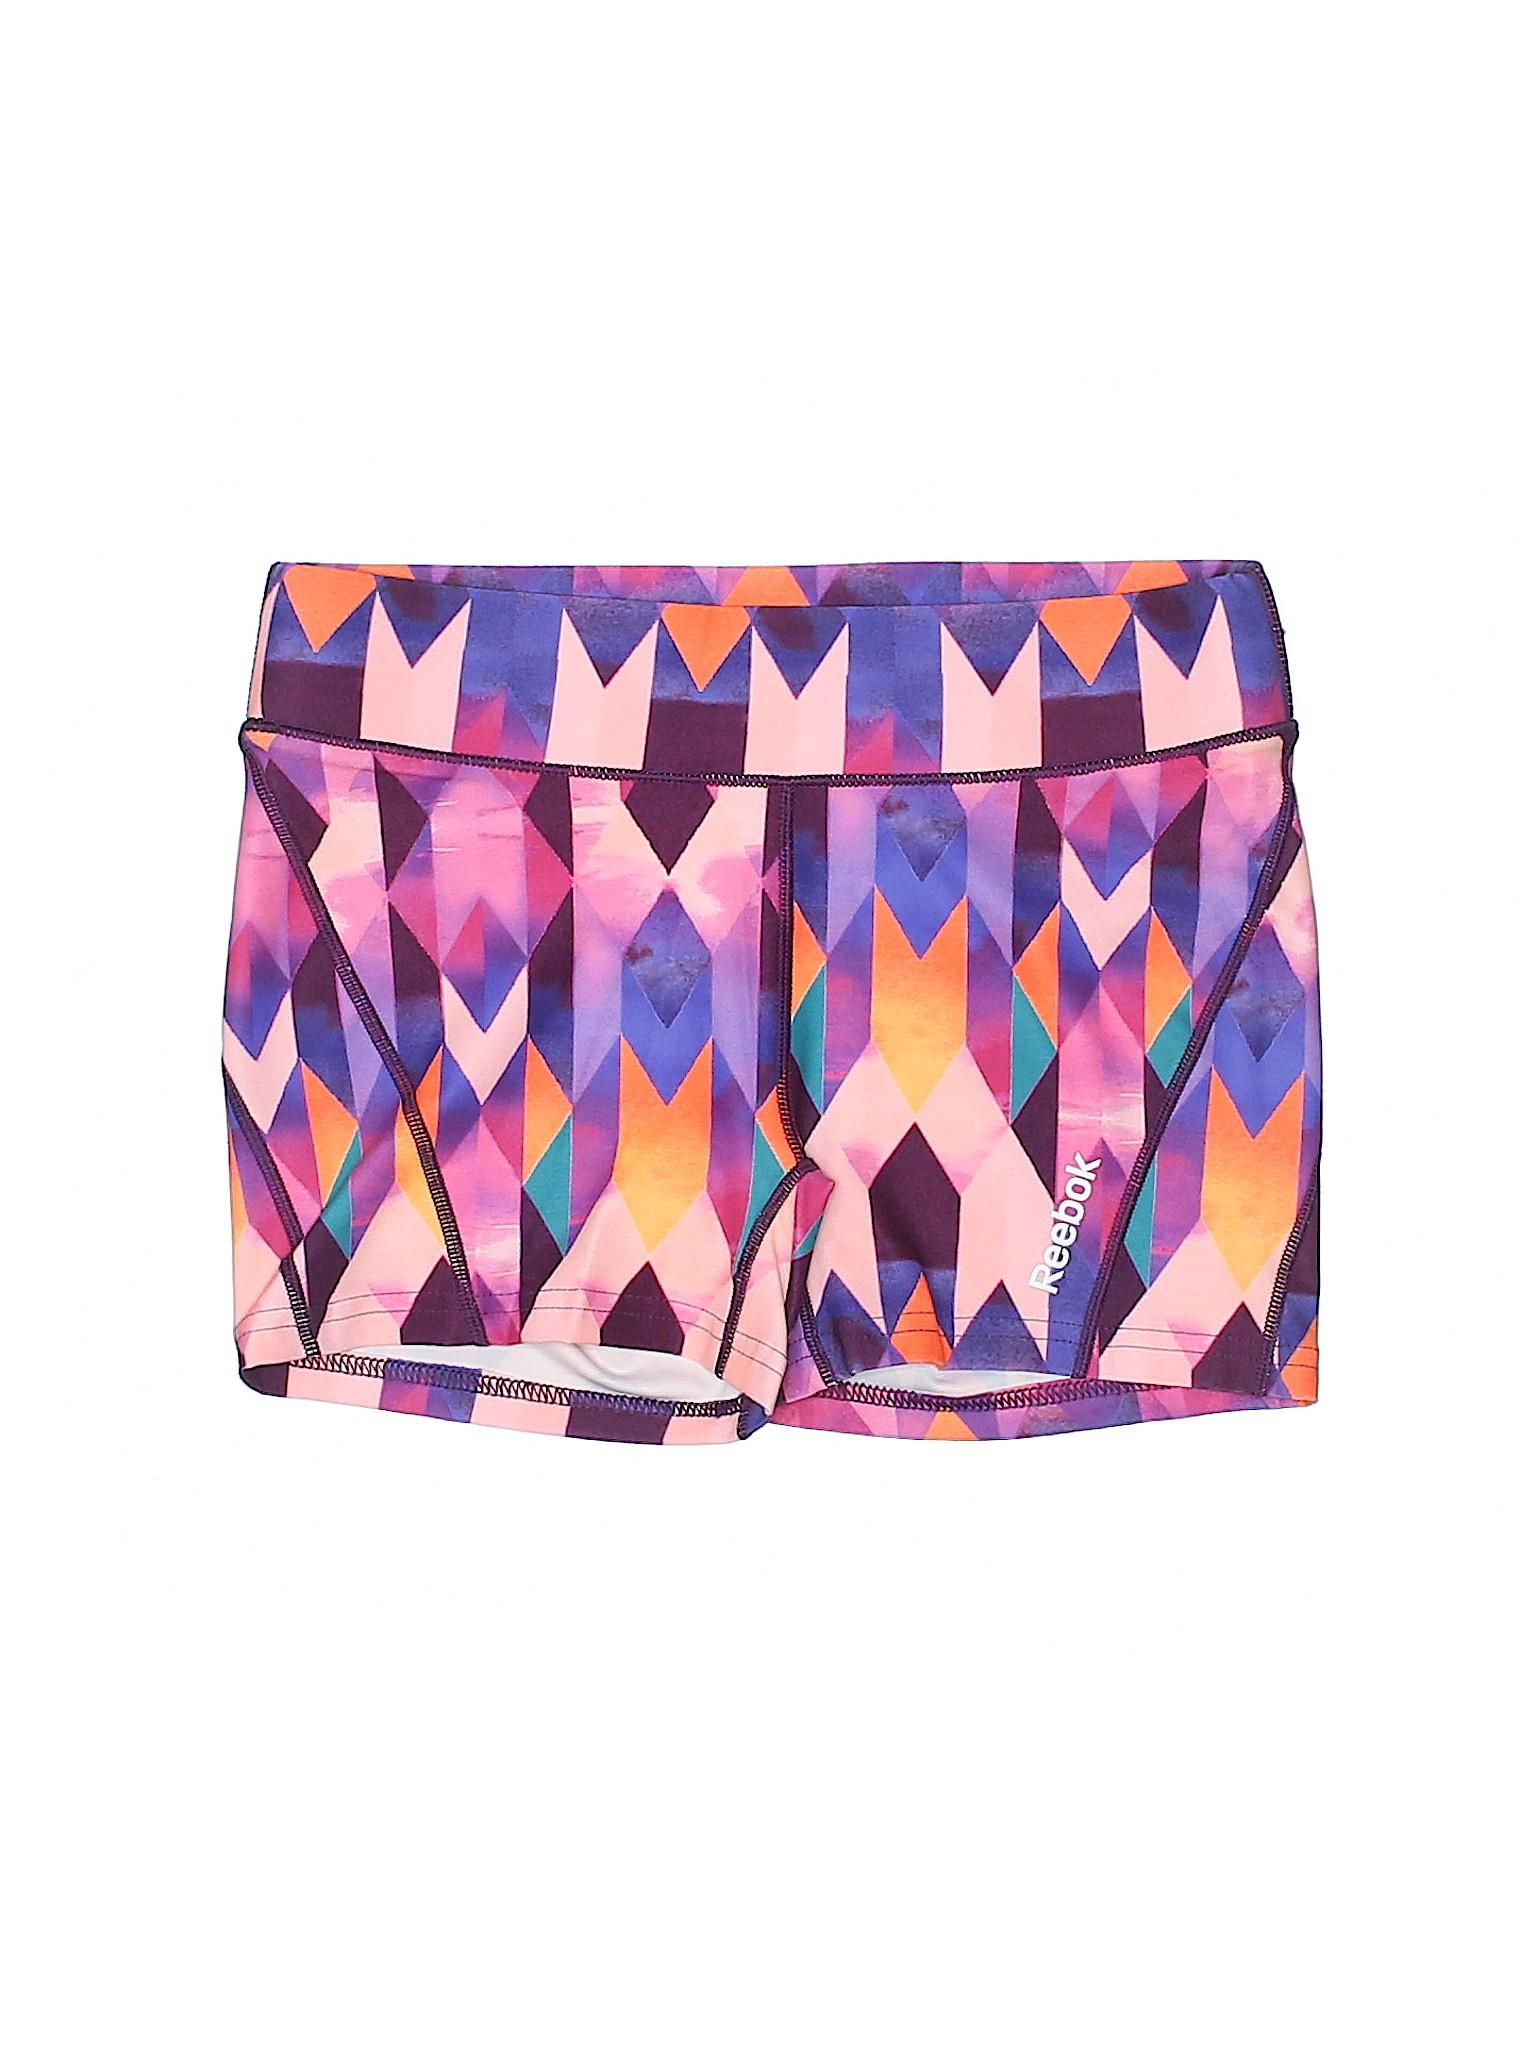 Boutique Shorts Boutique leisure Shorts Athletic Shorts Reebok Athletic leisure Reebok leisure Reebok leisure Boutique Boutique Athletic SZgSqBwWr